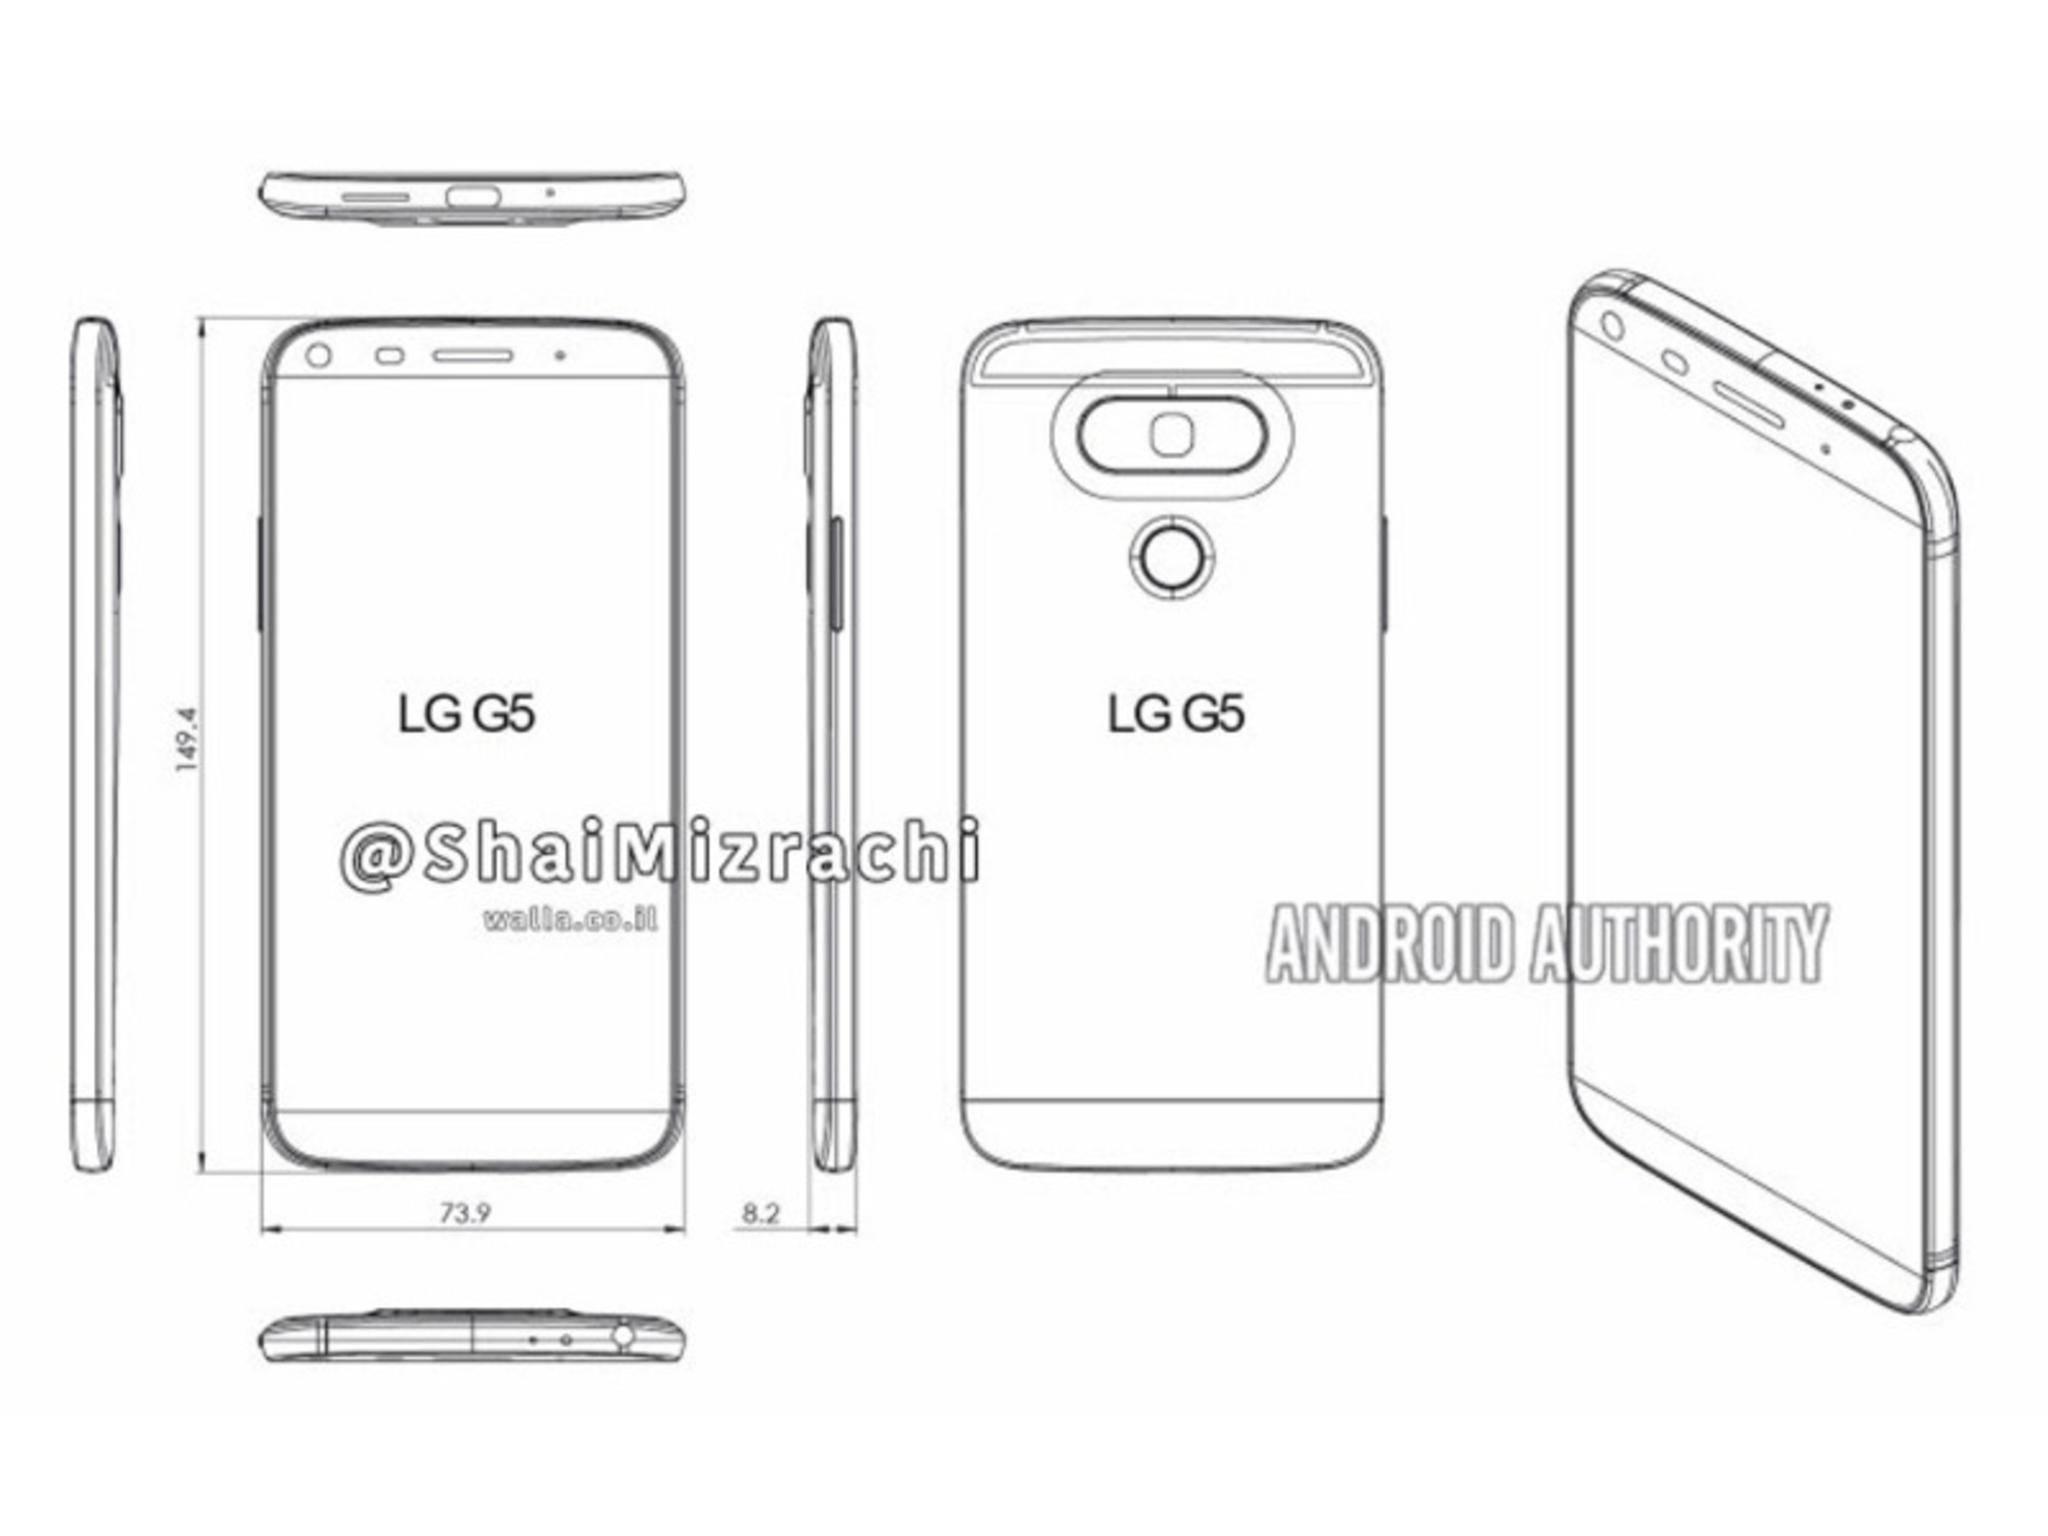 Sieht so das neue LG G5 aus?